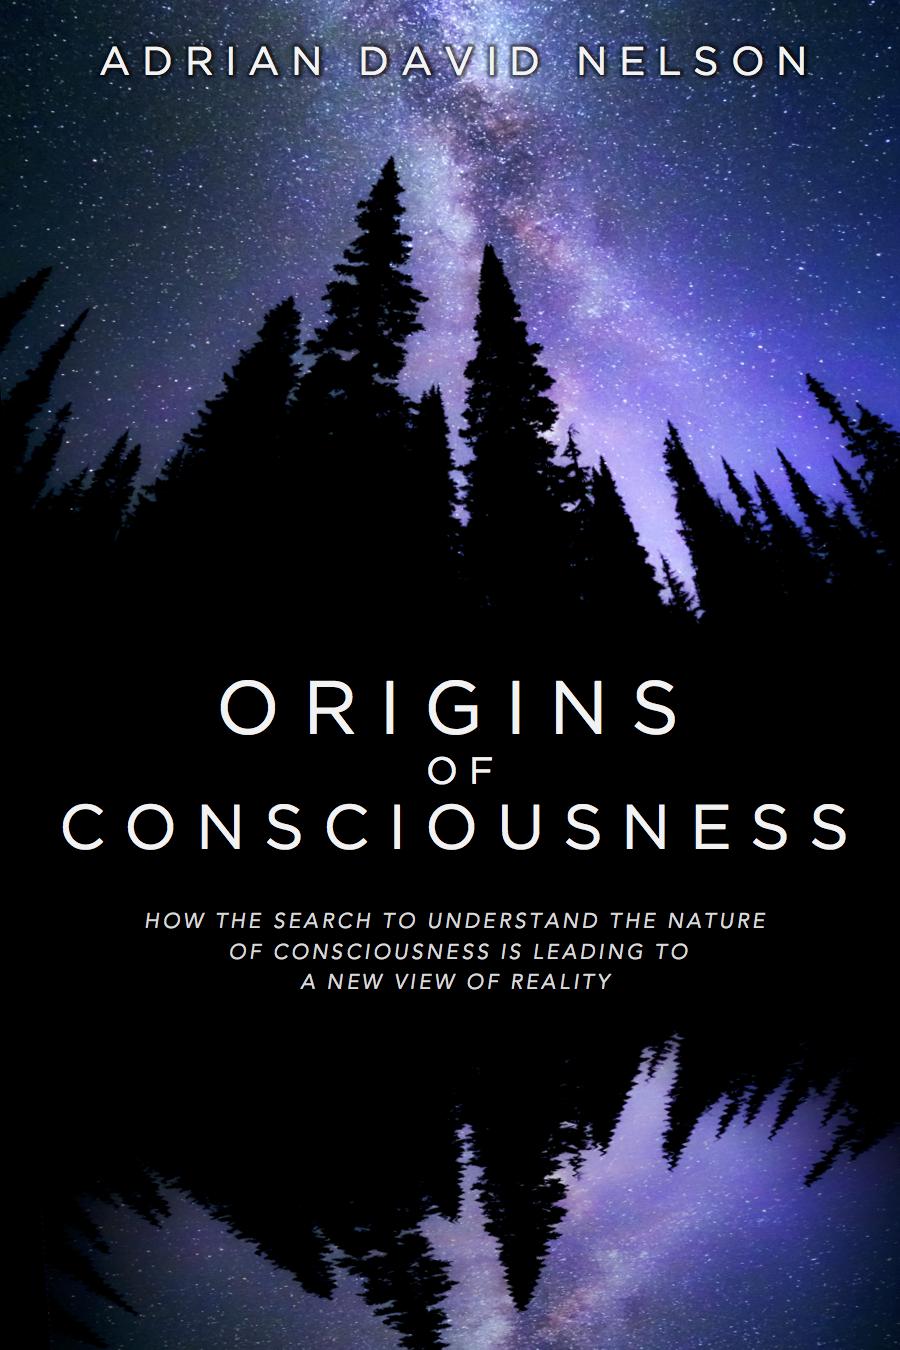 ORIGINS OF CONSCIOUSNESS ADRIAN NELSON